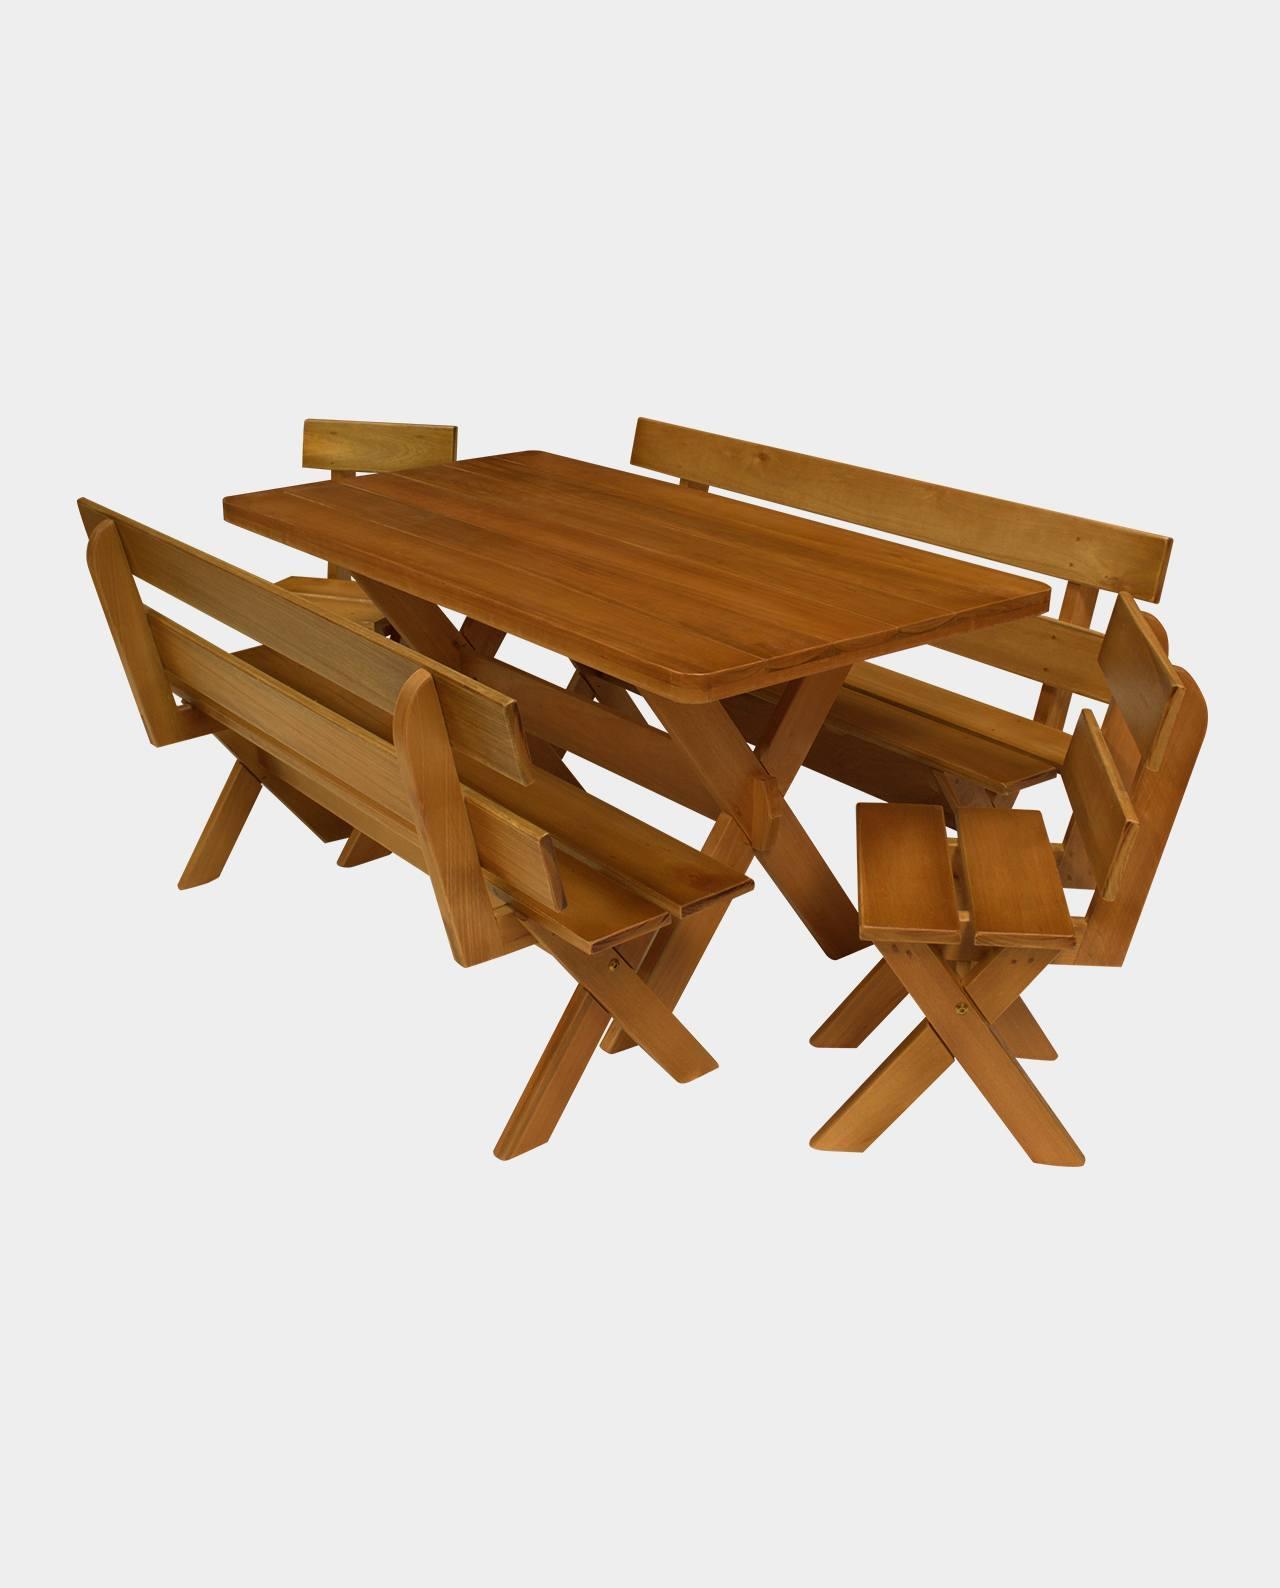 Mesa Rústica com Bancos e Cadeiras Madeira Maciça Eucalipto 1,60m  - Mesas para Churrasco